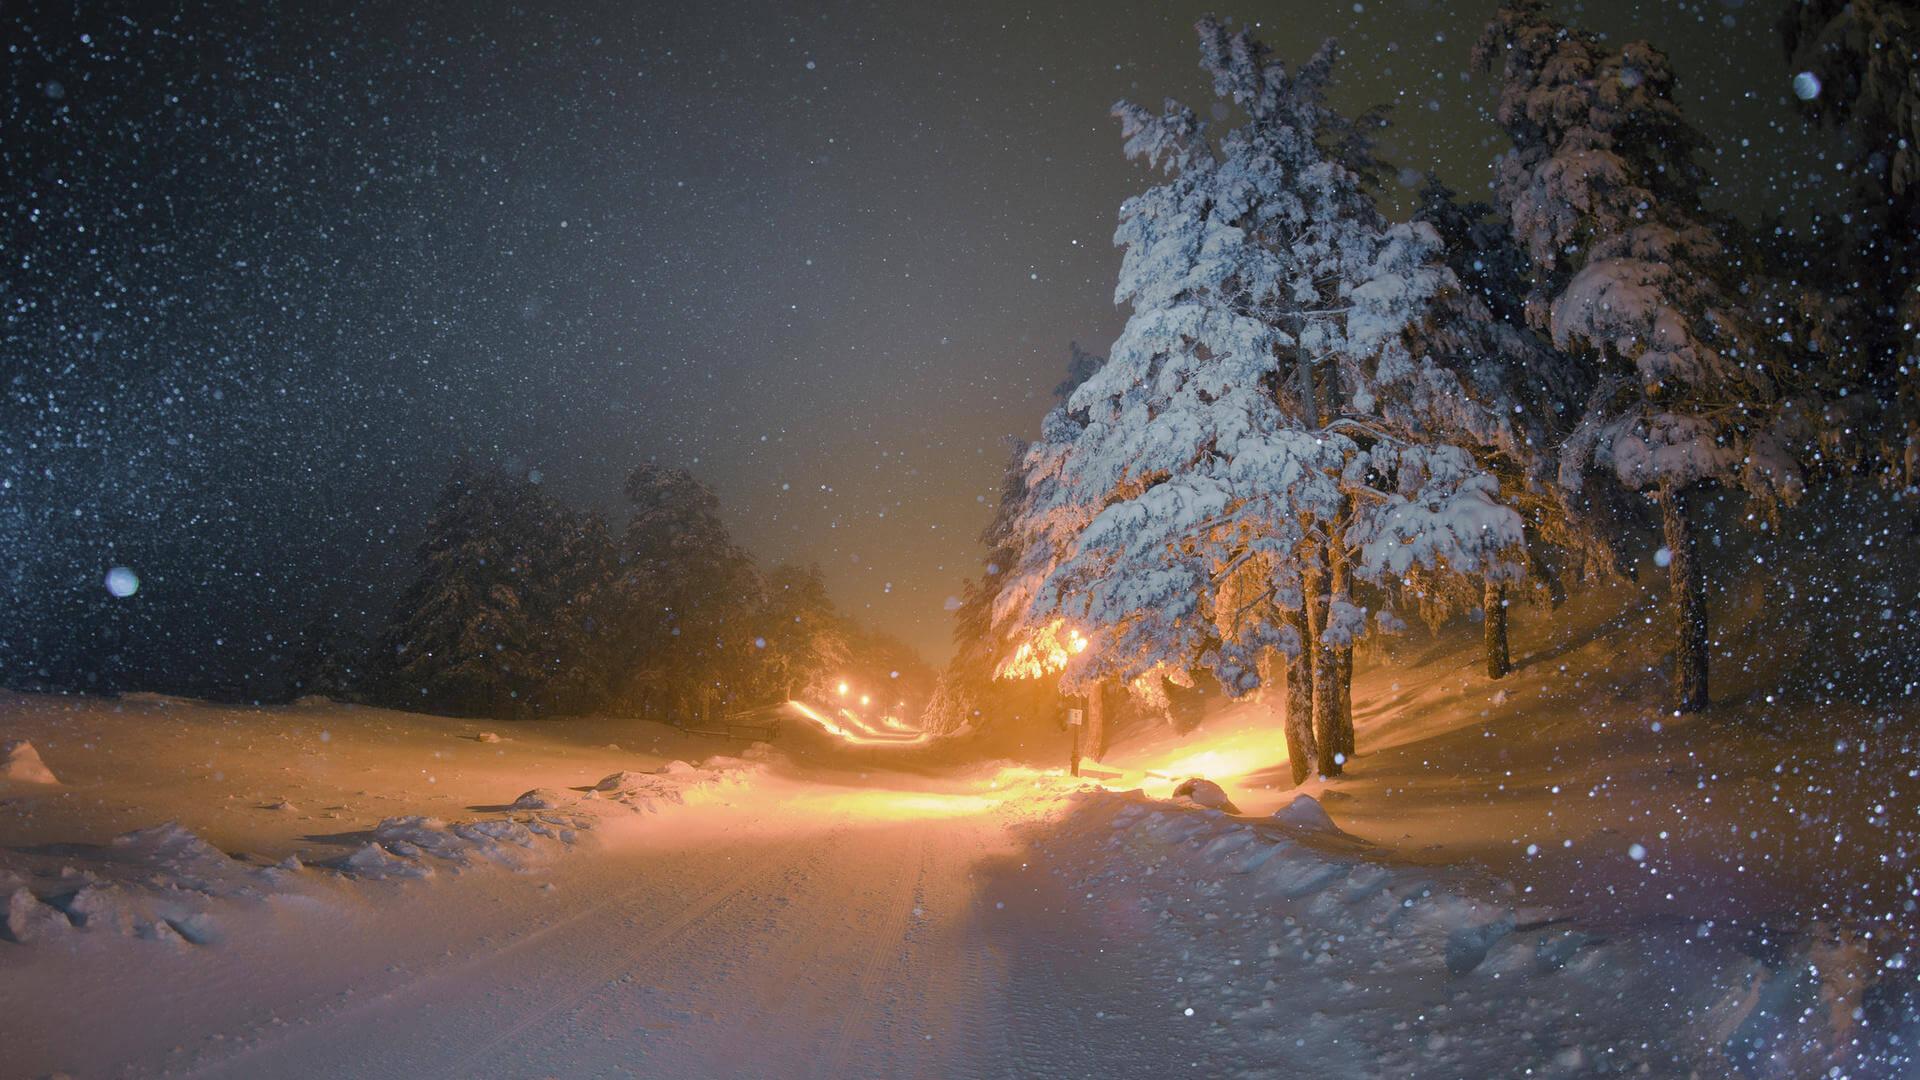 Зимнее настроение - фото и картинки красивые, приятные 8